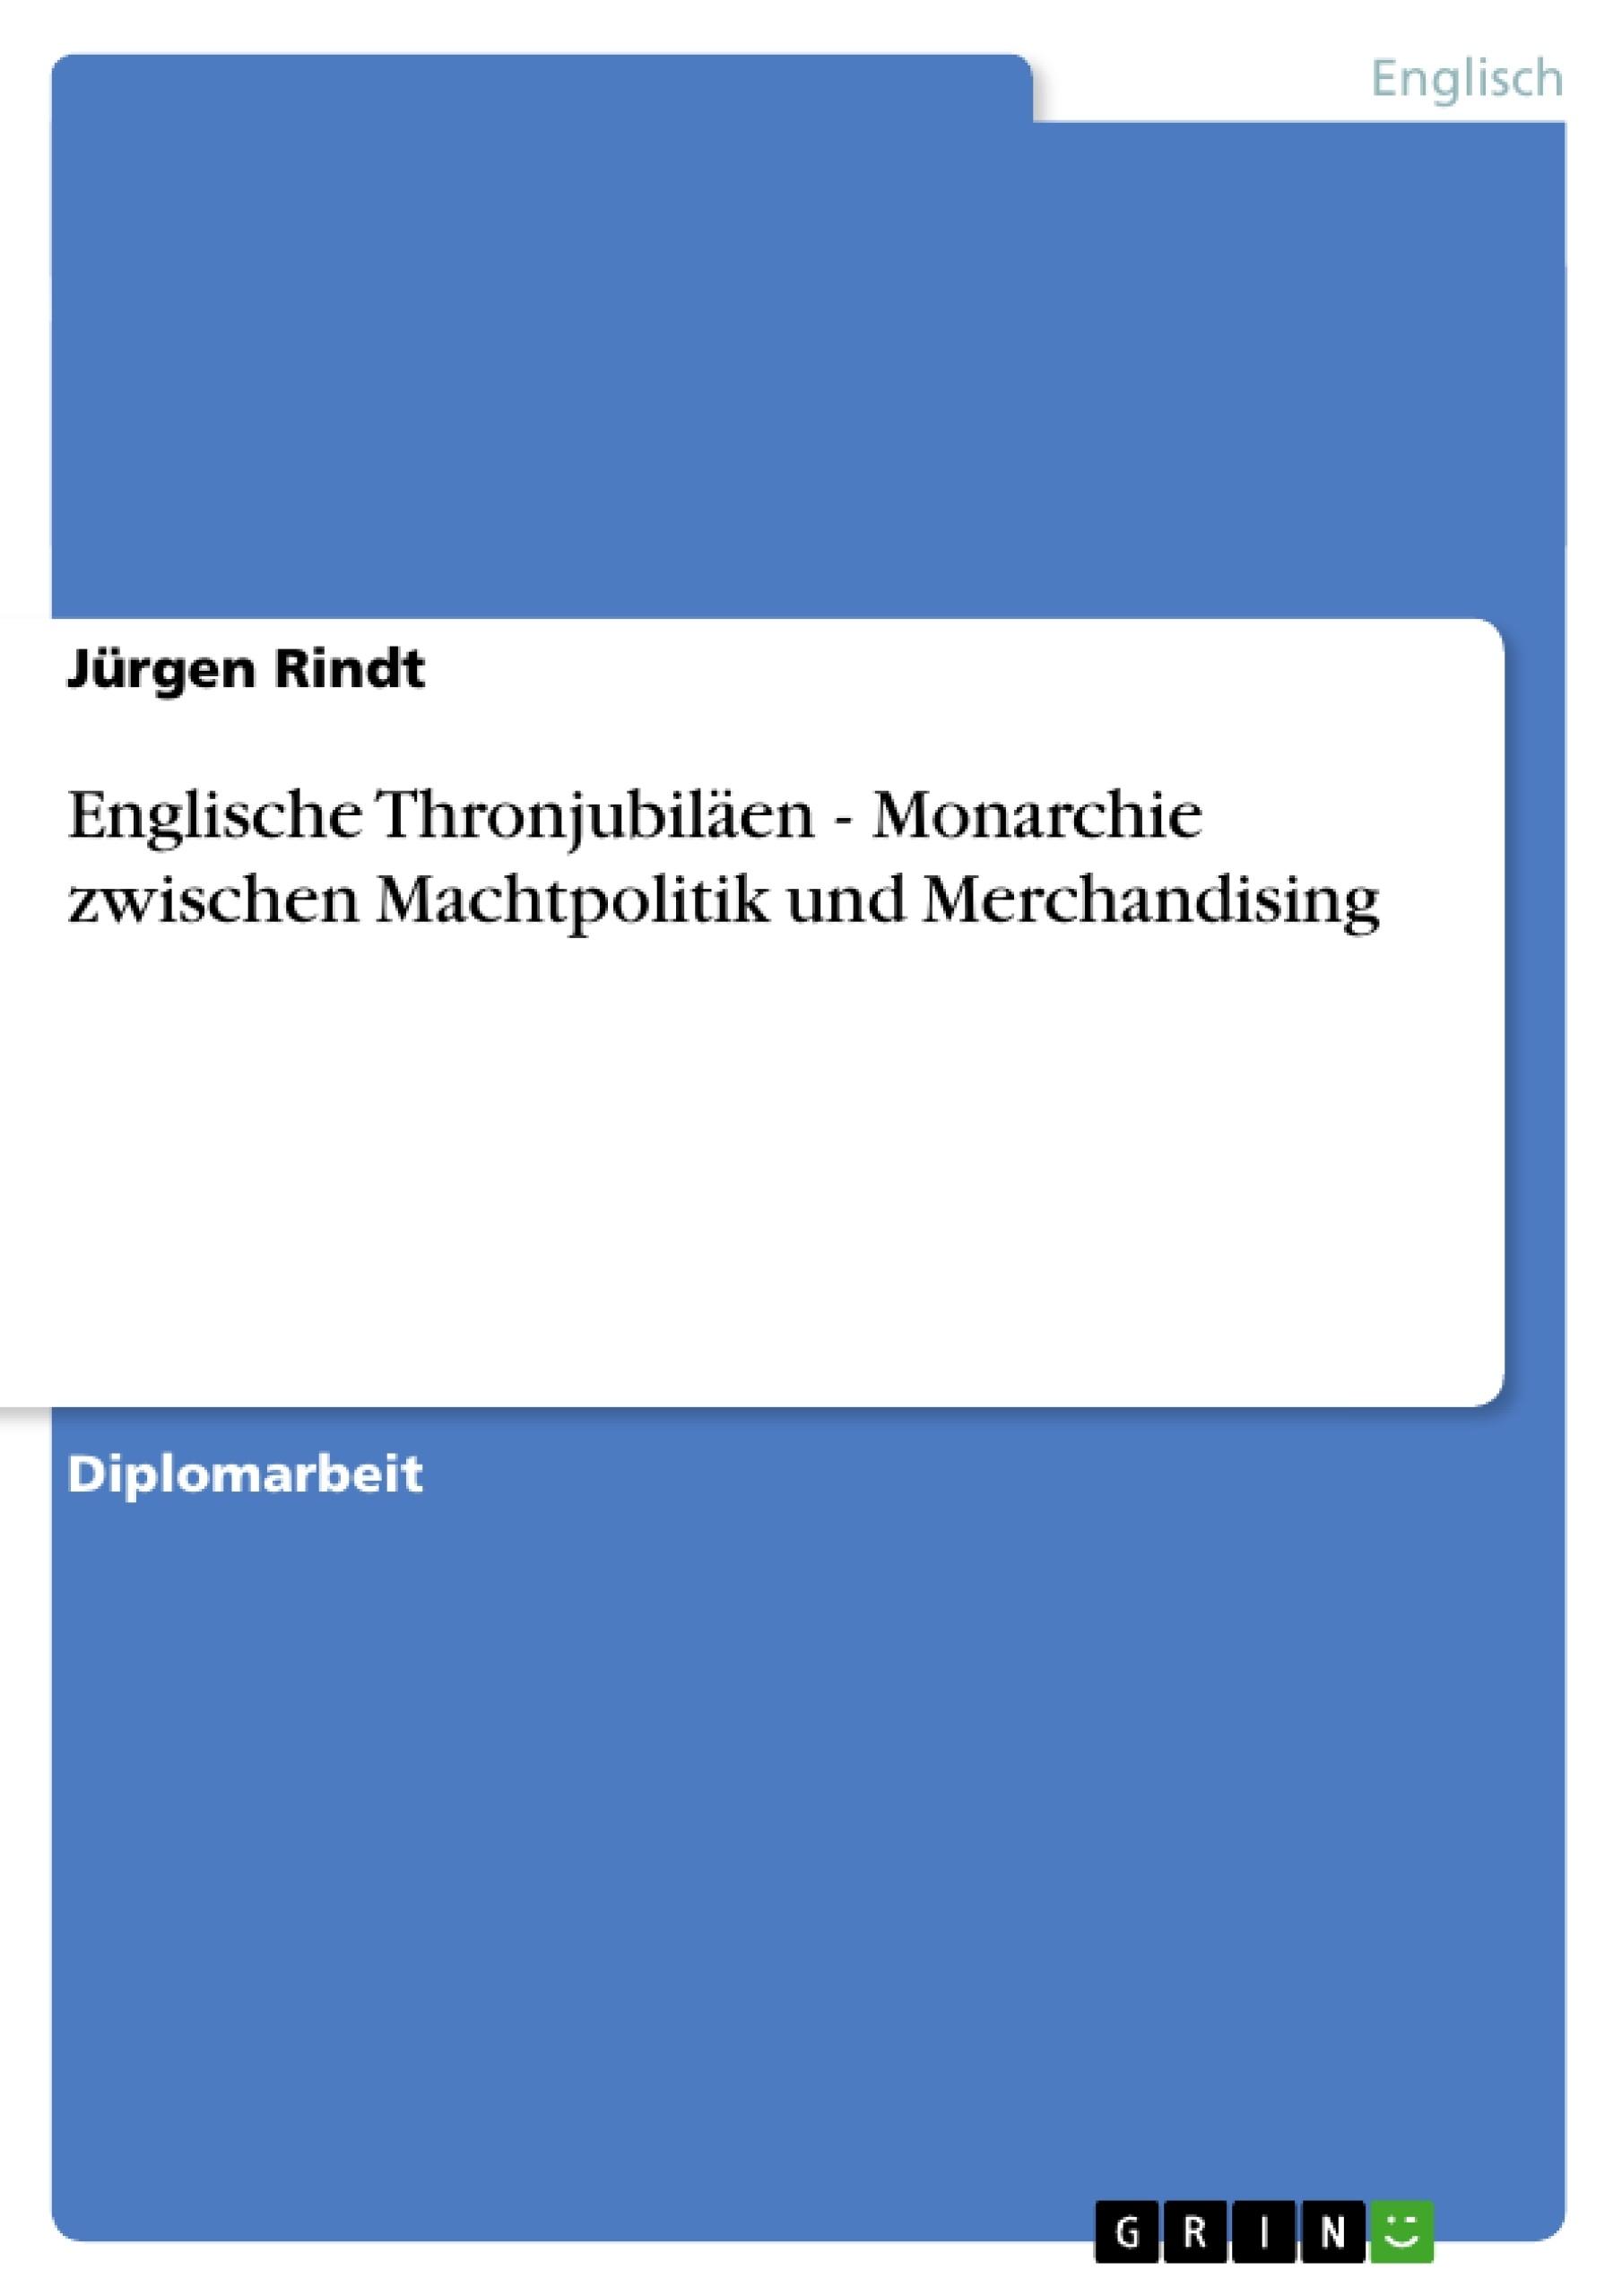 Titel: Englische Thronjubiläen - Monarchie zwischen Machtpolitik und Merchandising